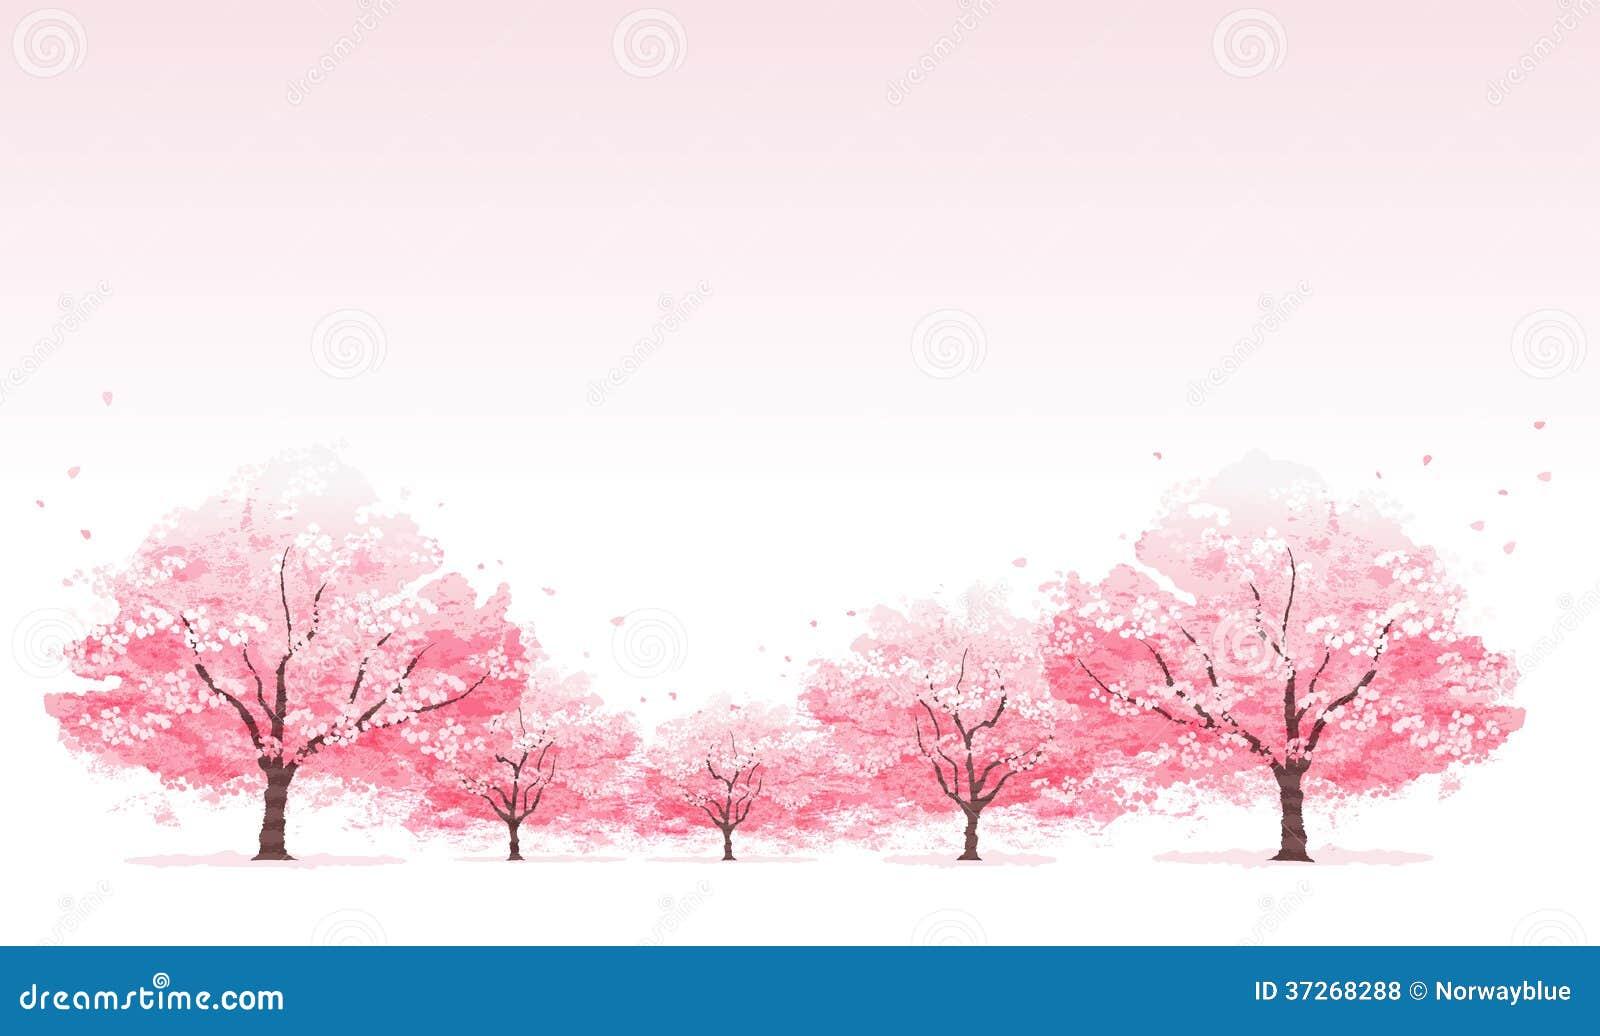 樱花树背景线.文件包含剪报面具,梯度,透明.